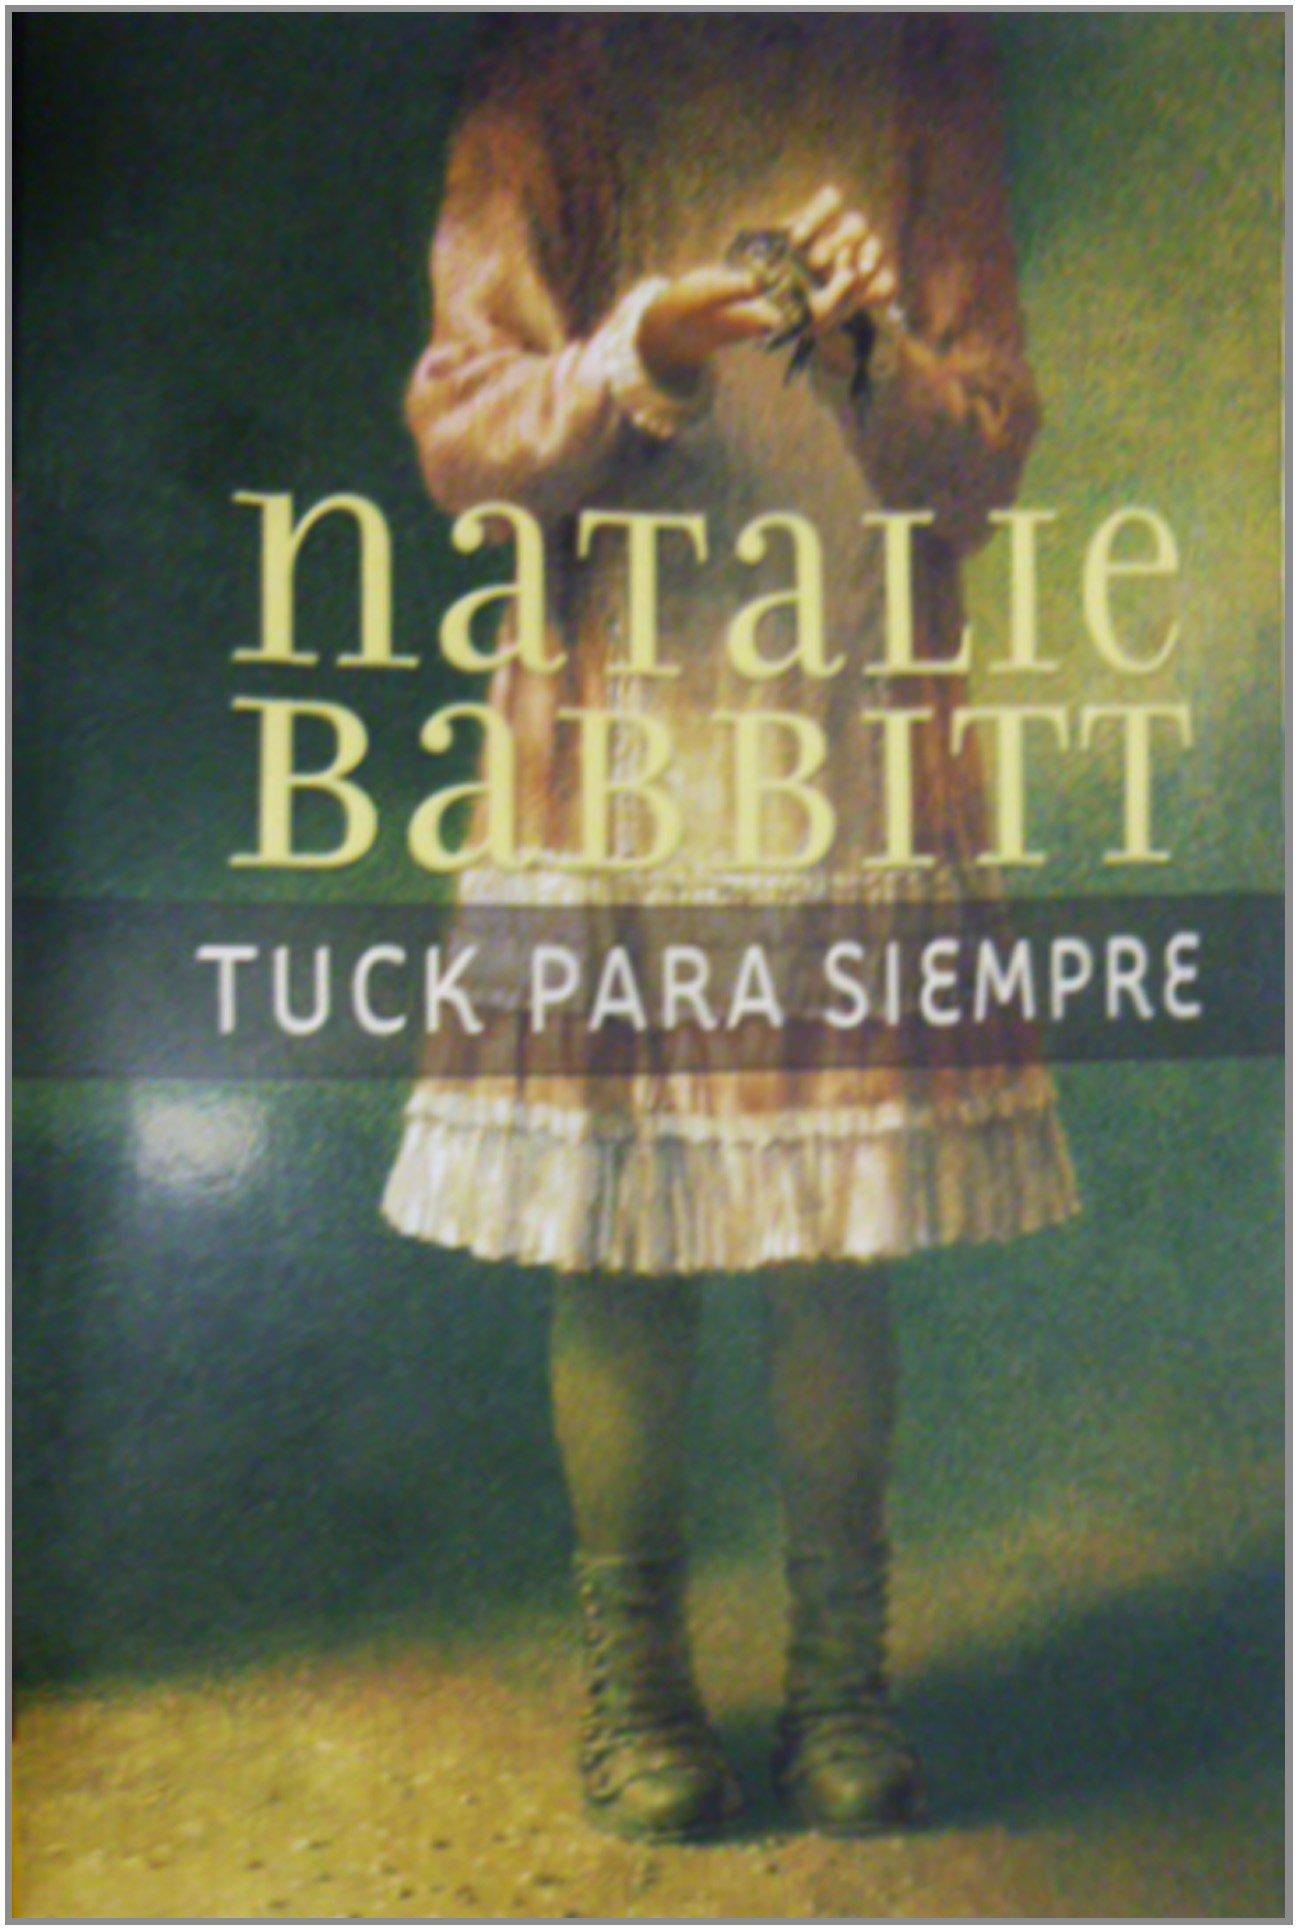 Tuck para siempre: Natalie Babbitt, Narcis Fradera ...